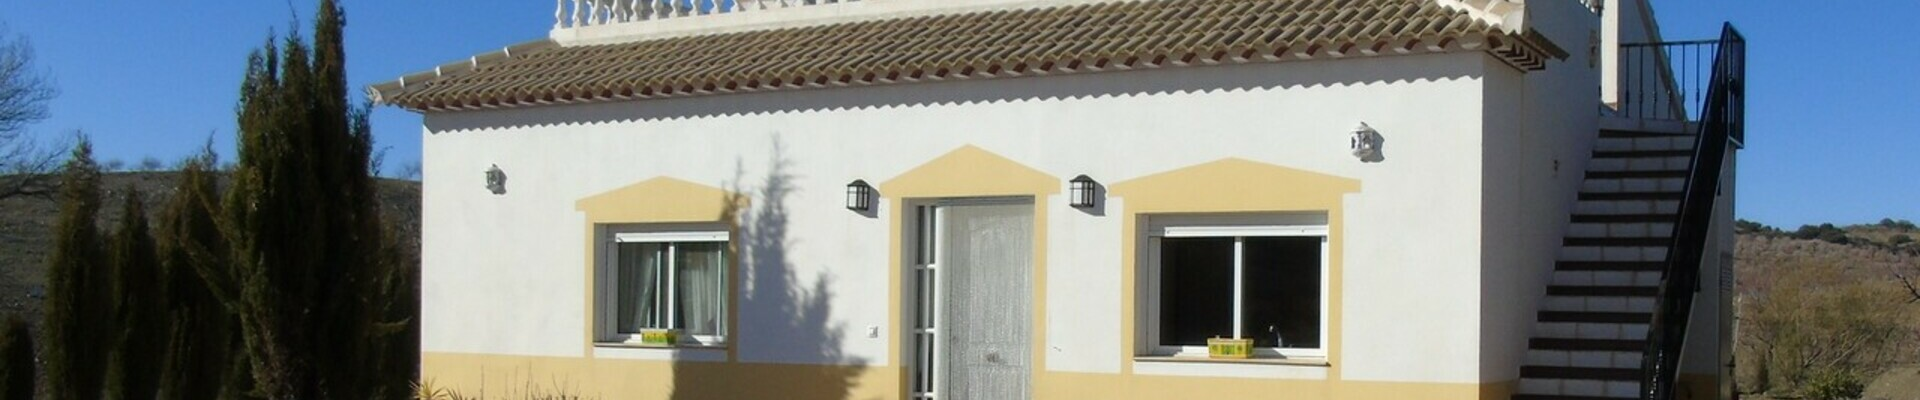 AF597: 3 Habitación Chalet en venta